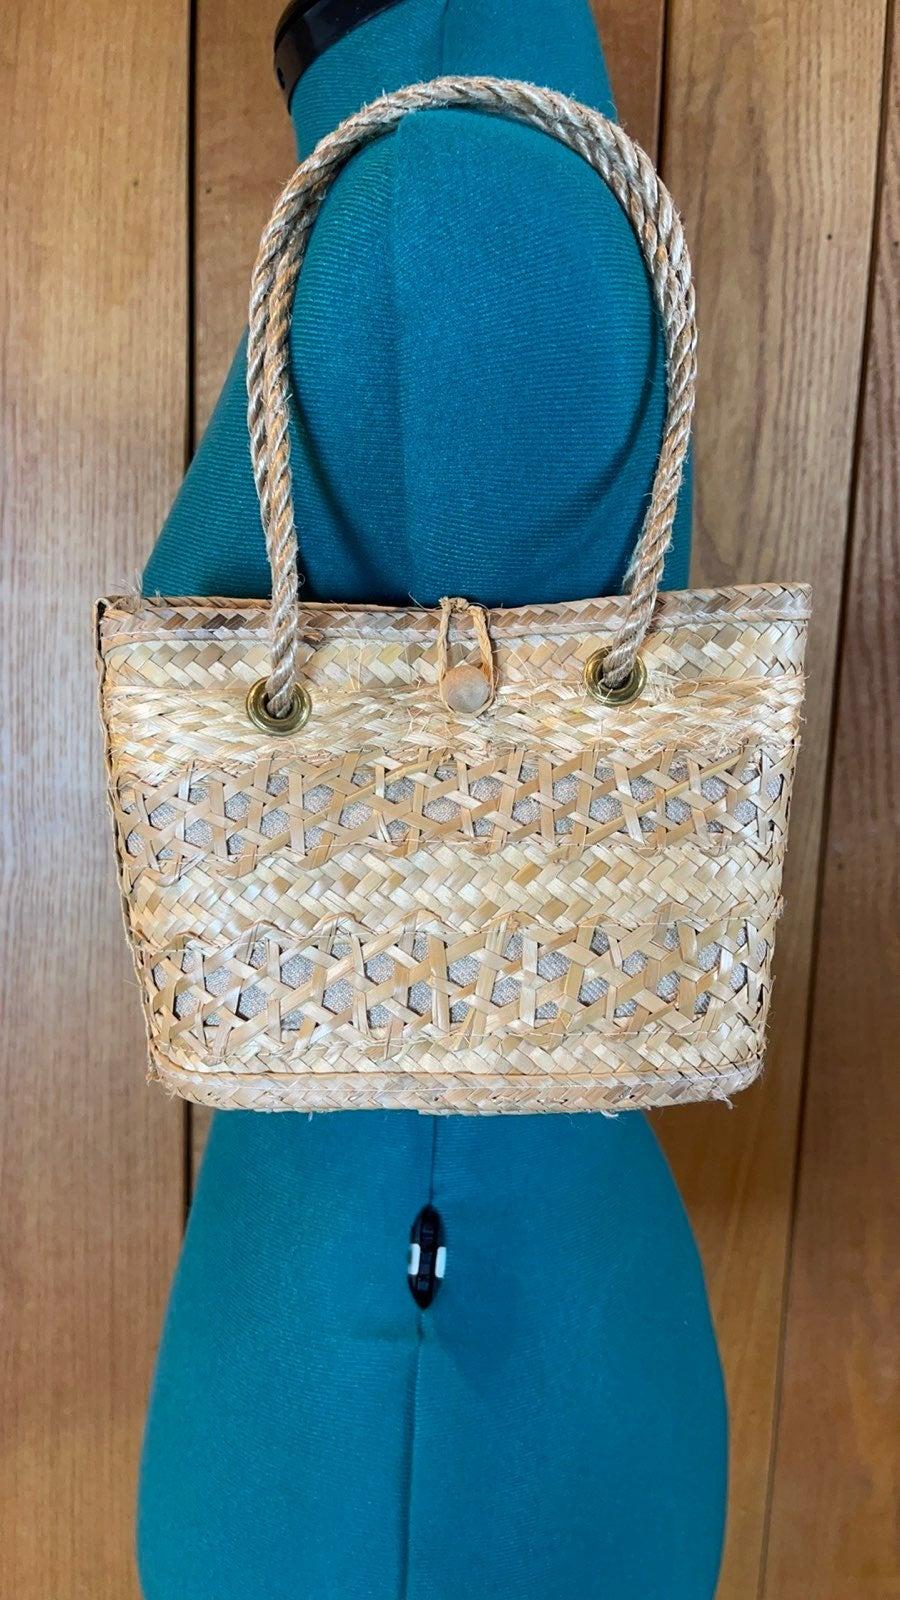 Natural Tan Woven Straw Hand Bag Small